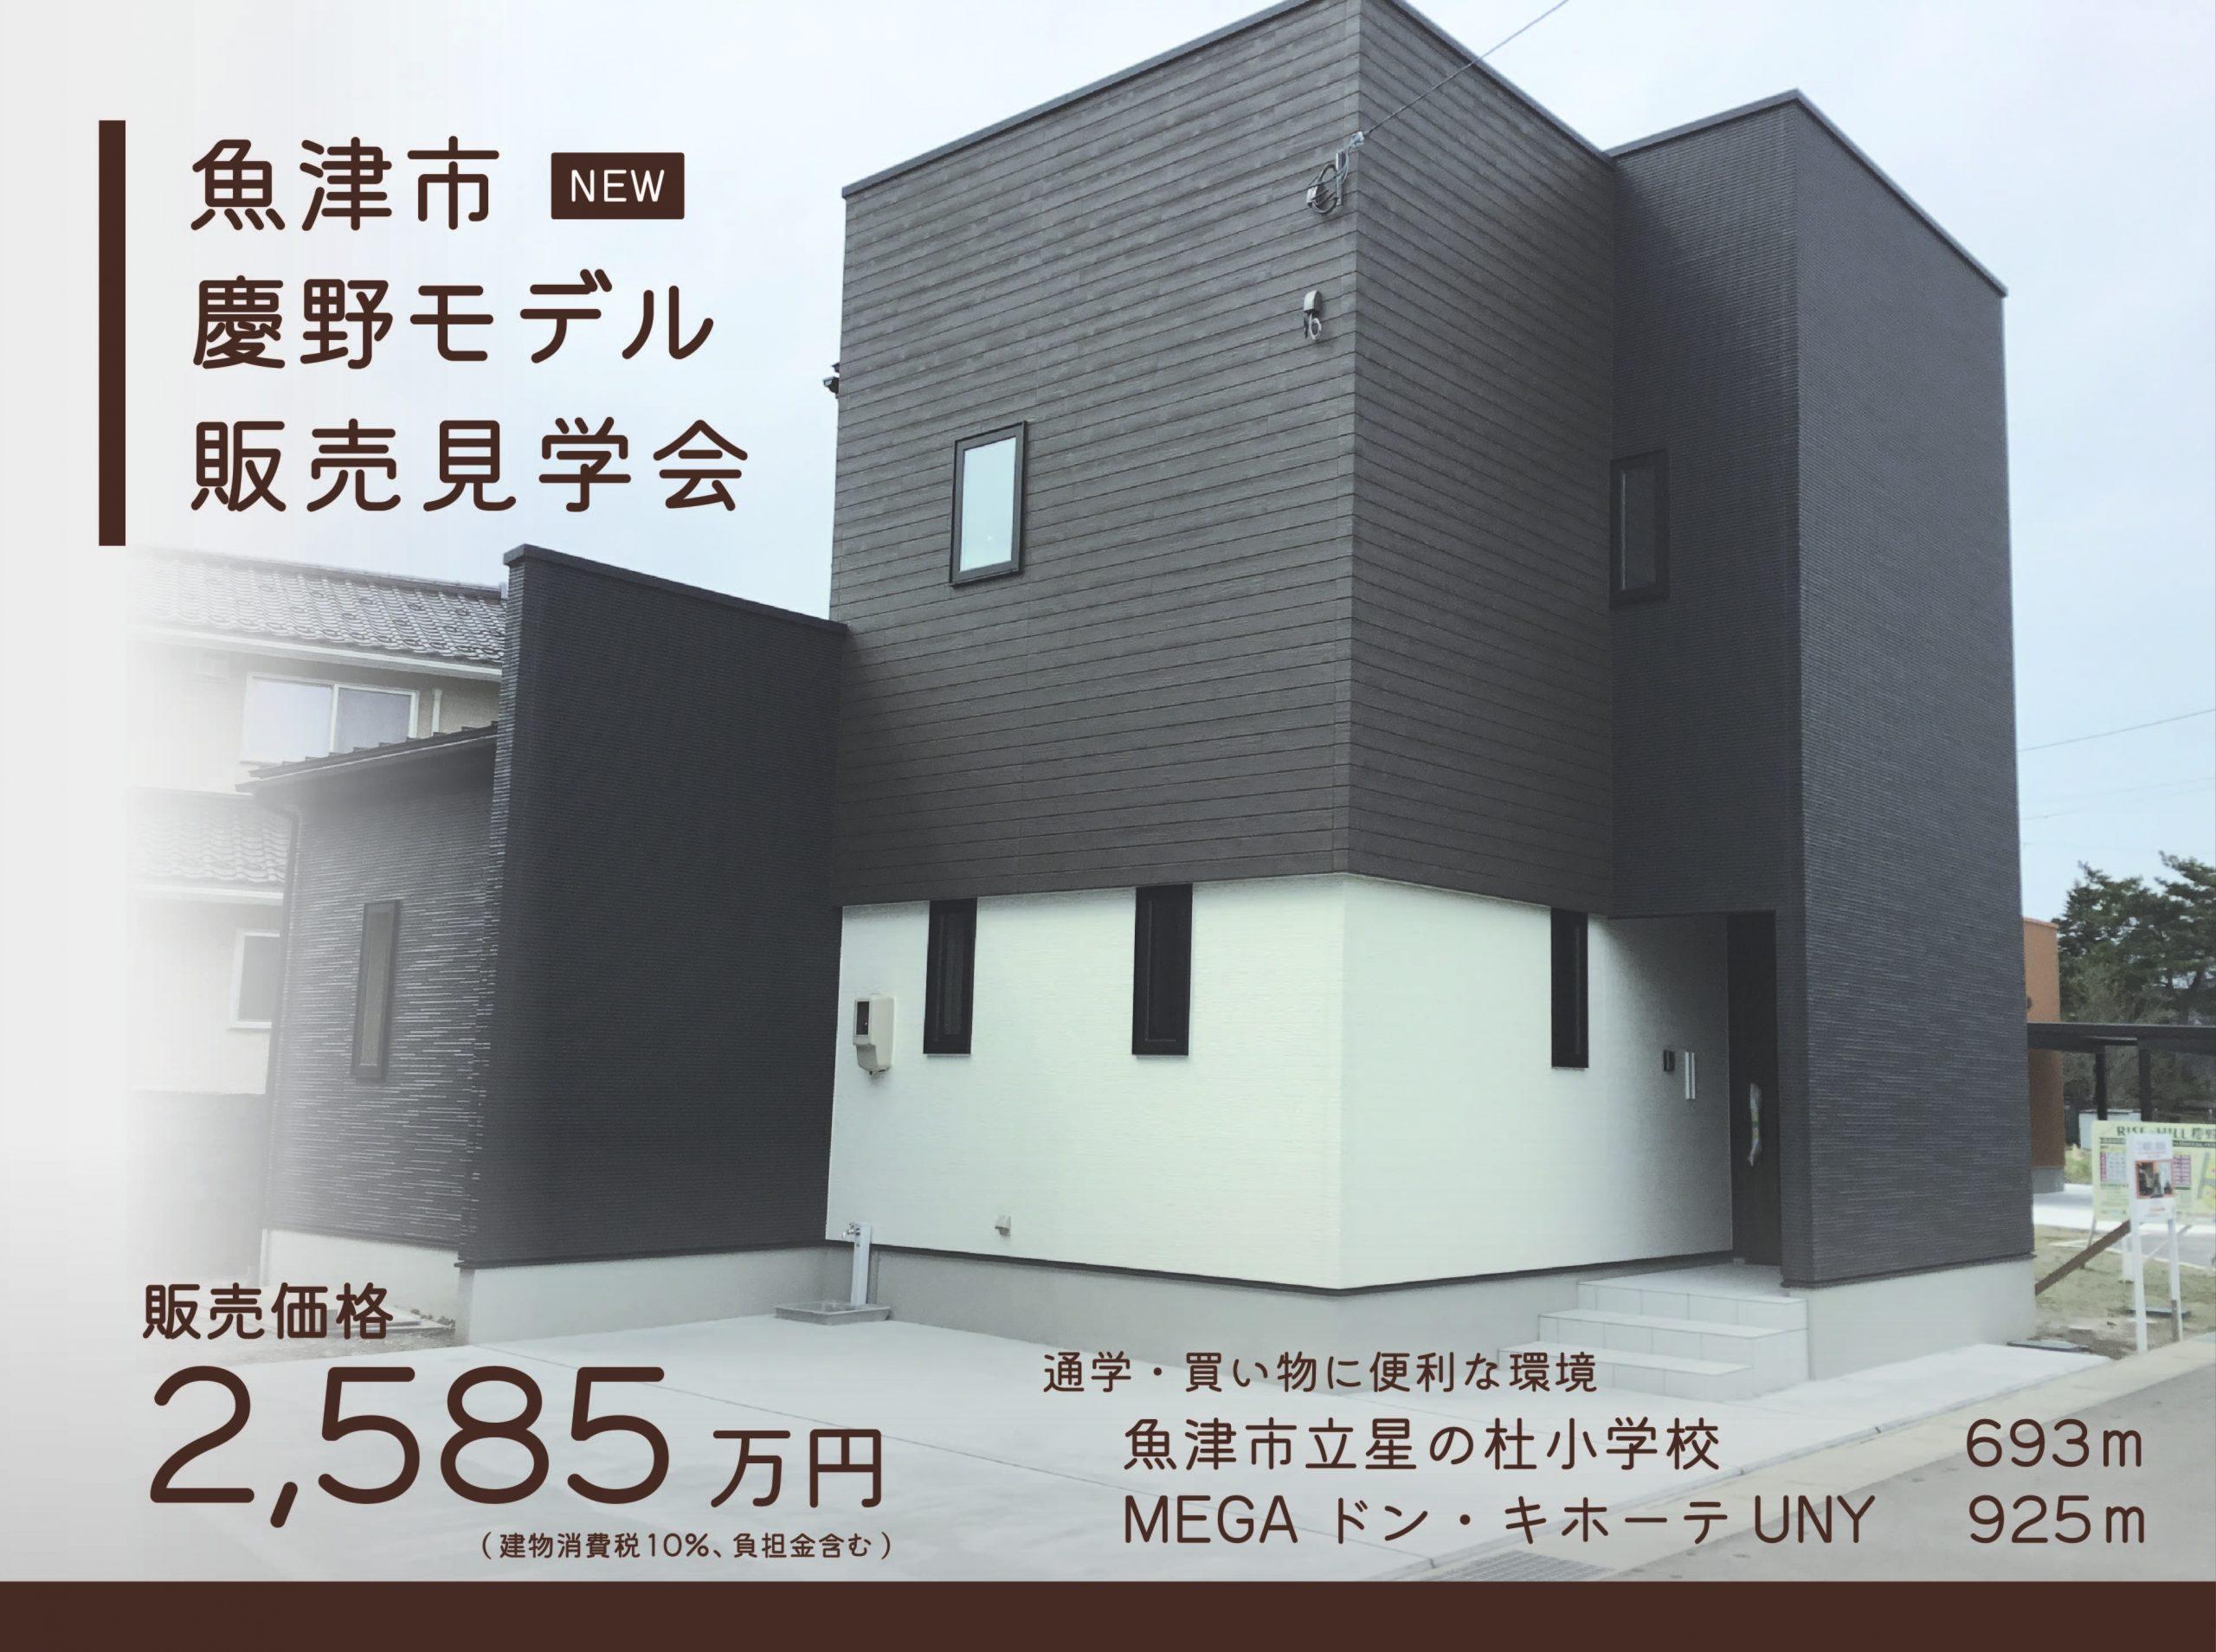 10/21(木)~24(日)魚津市慶野モデル販売見学会【予約制】